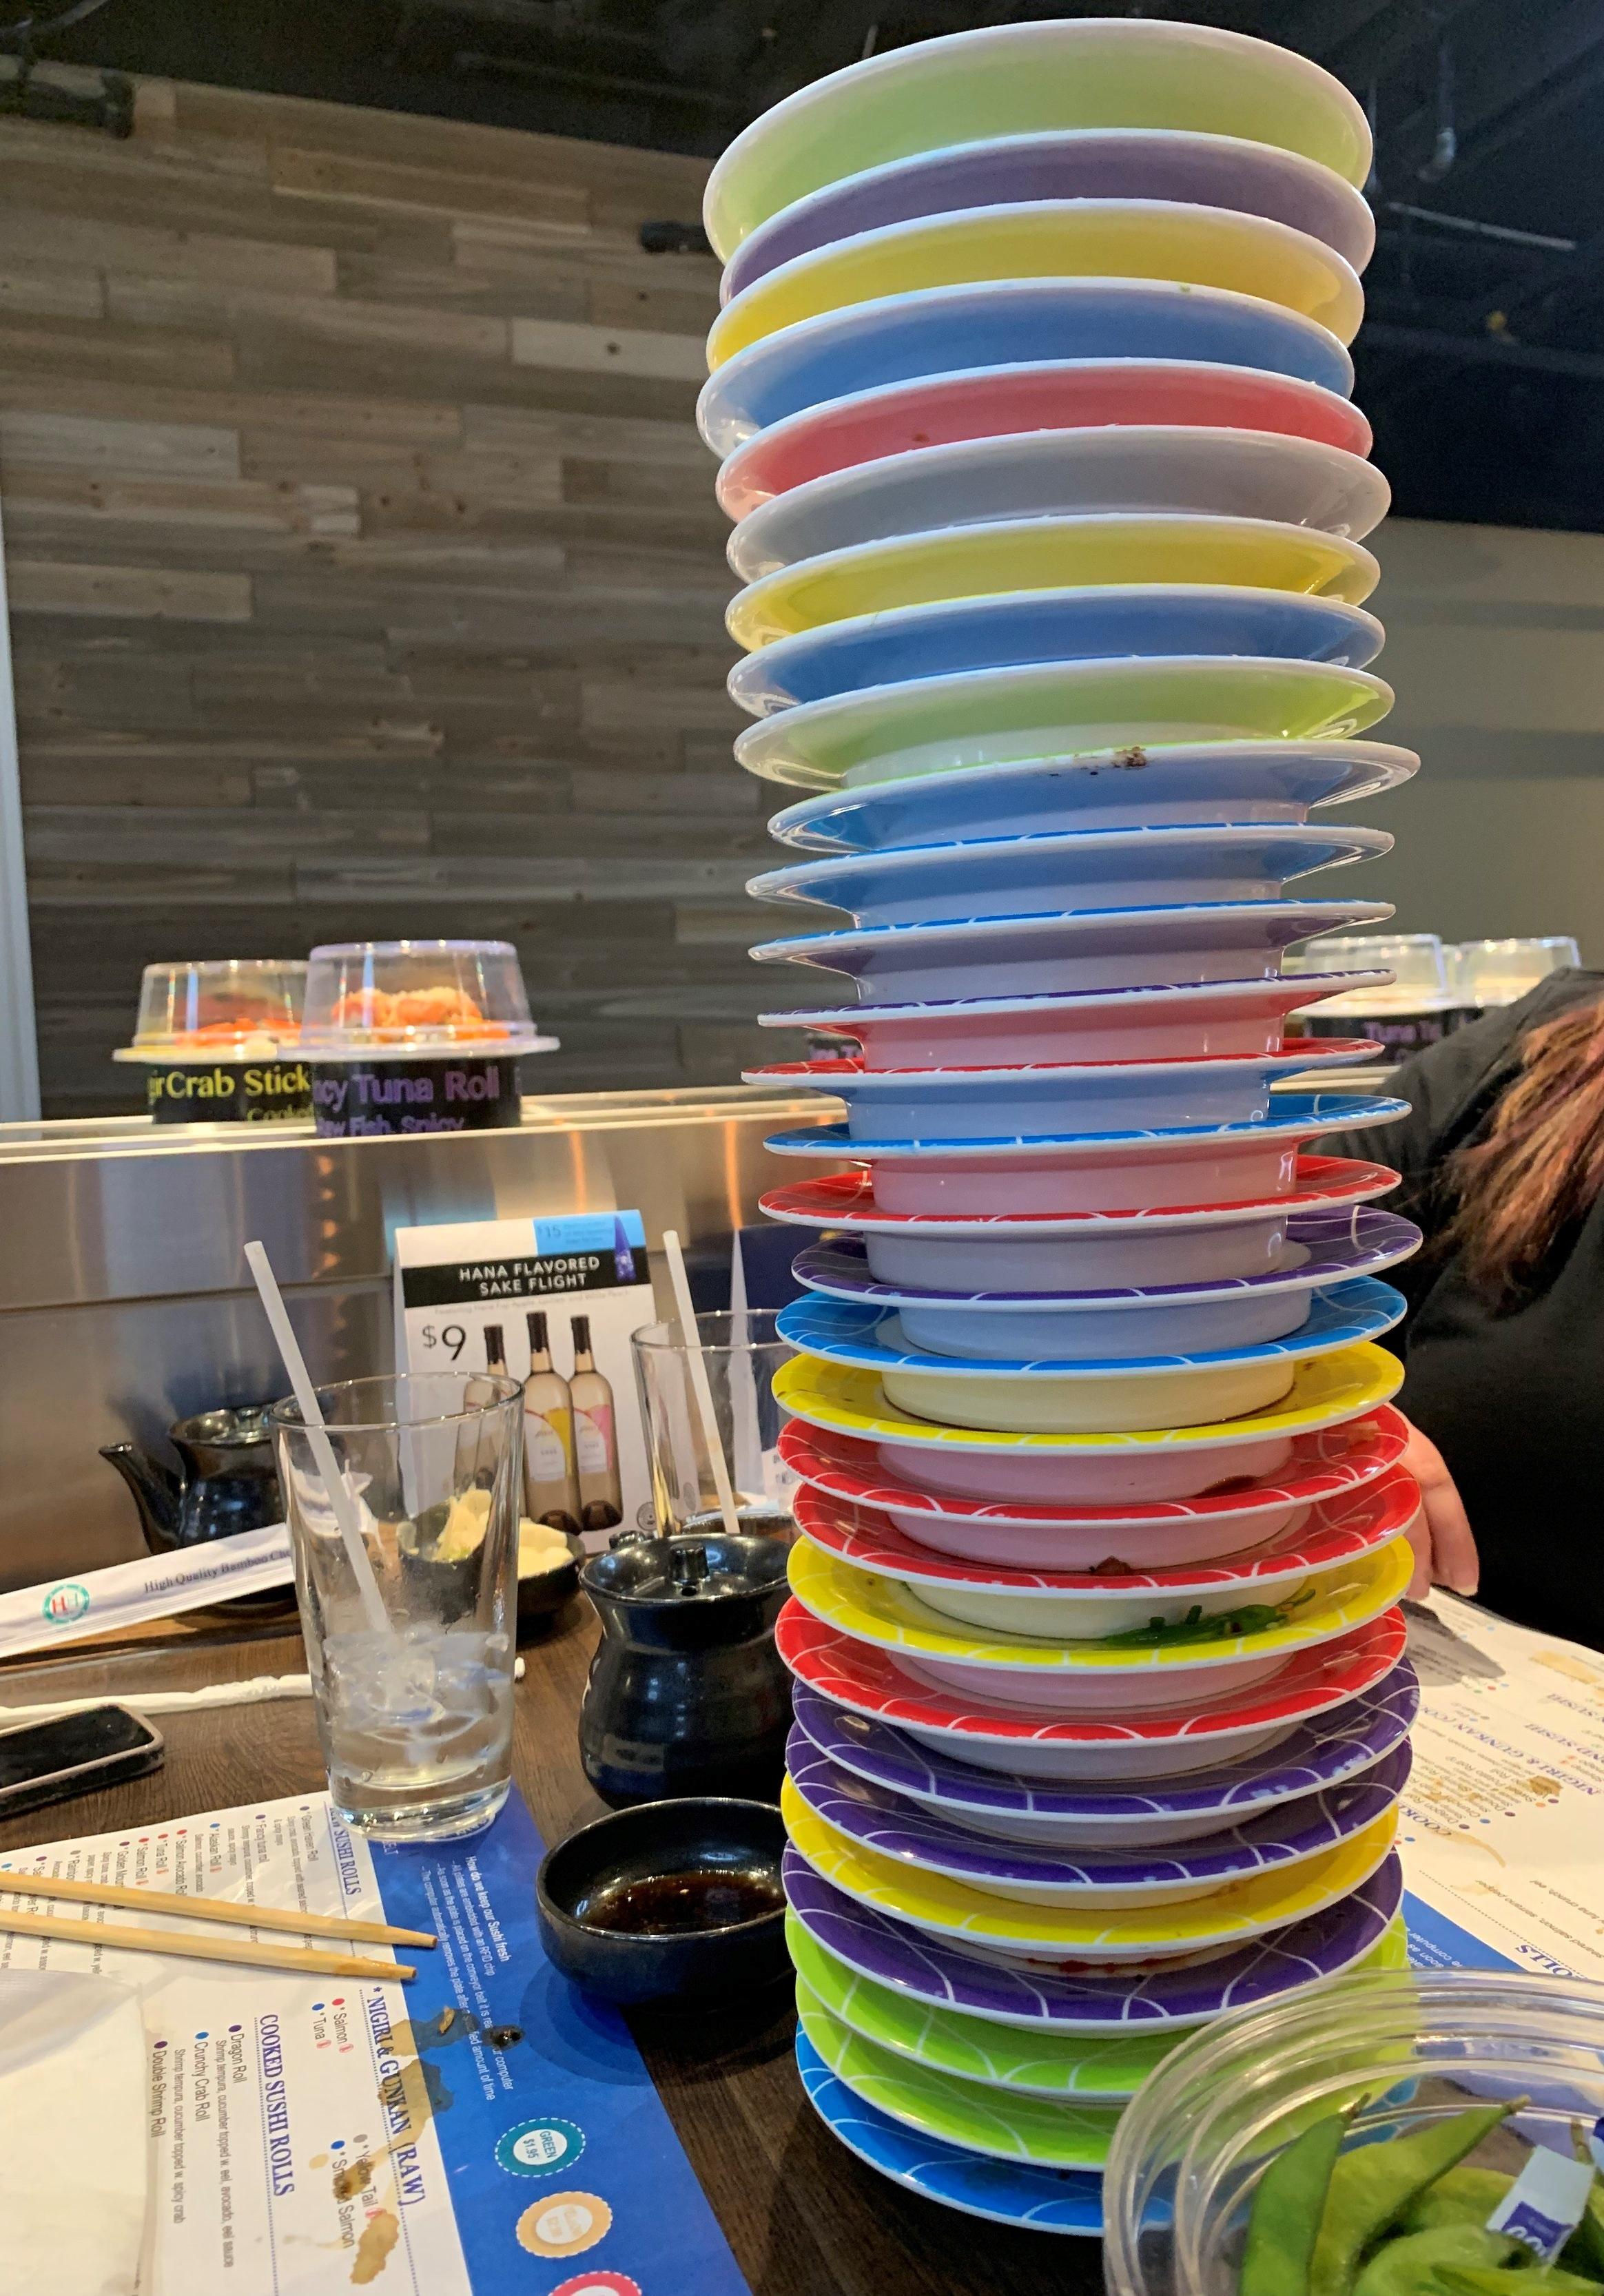 30 plates tall!